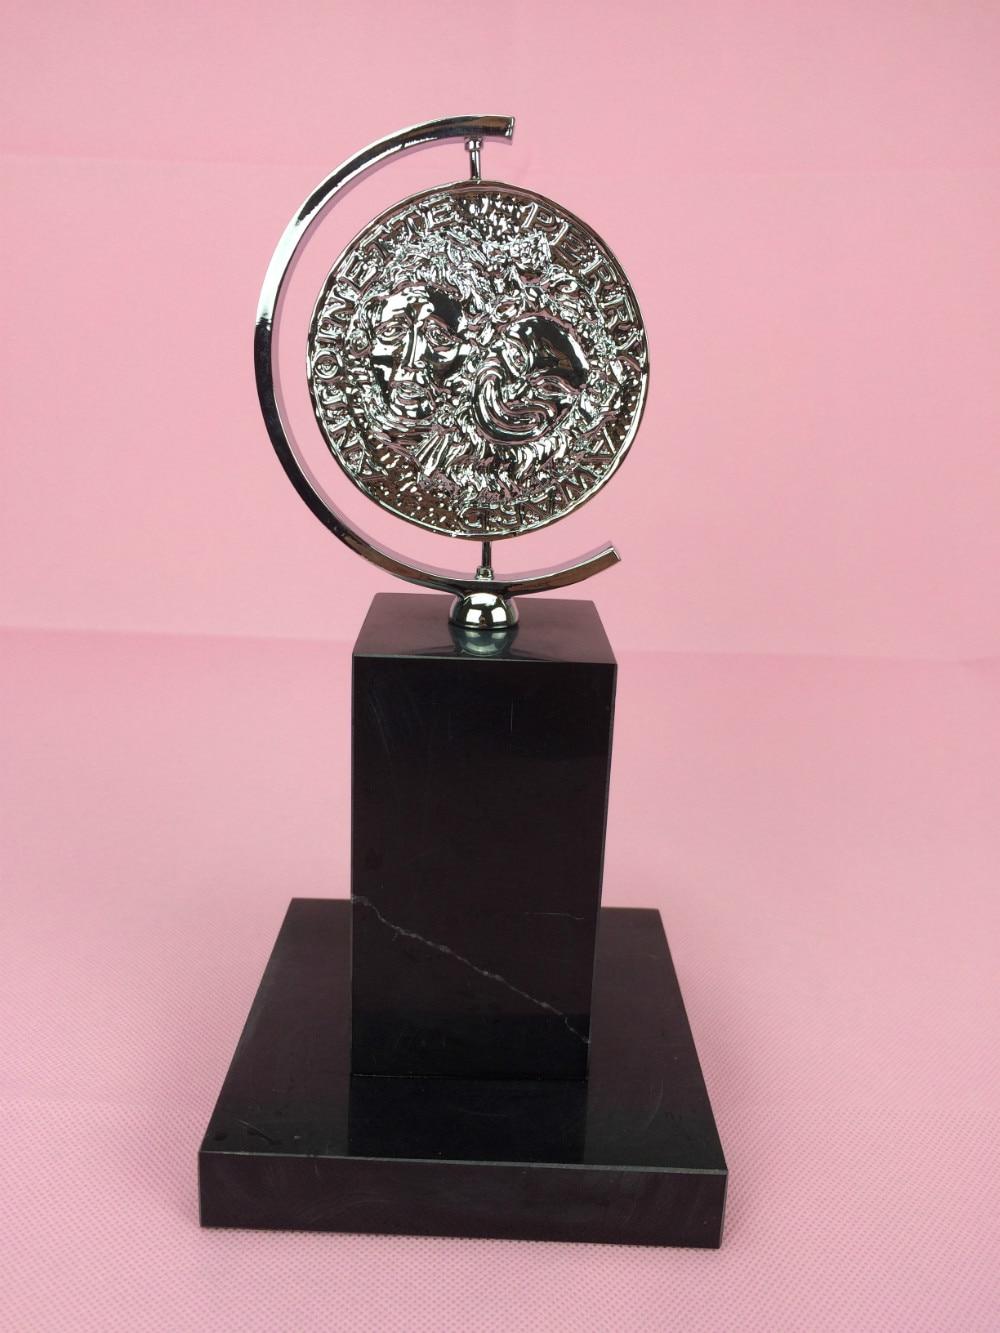 Zinc Alloy Tony Awards, Replica Tony Awards,Metal Tony Awards Trophy And Awards,